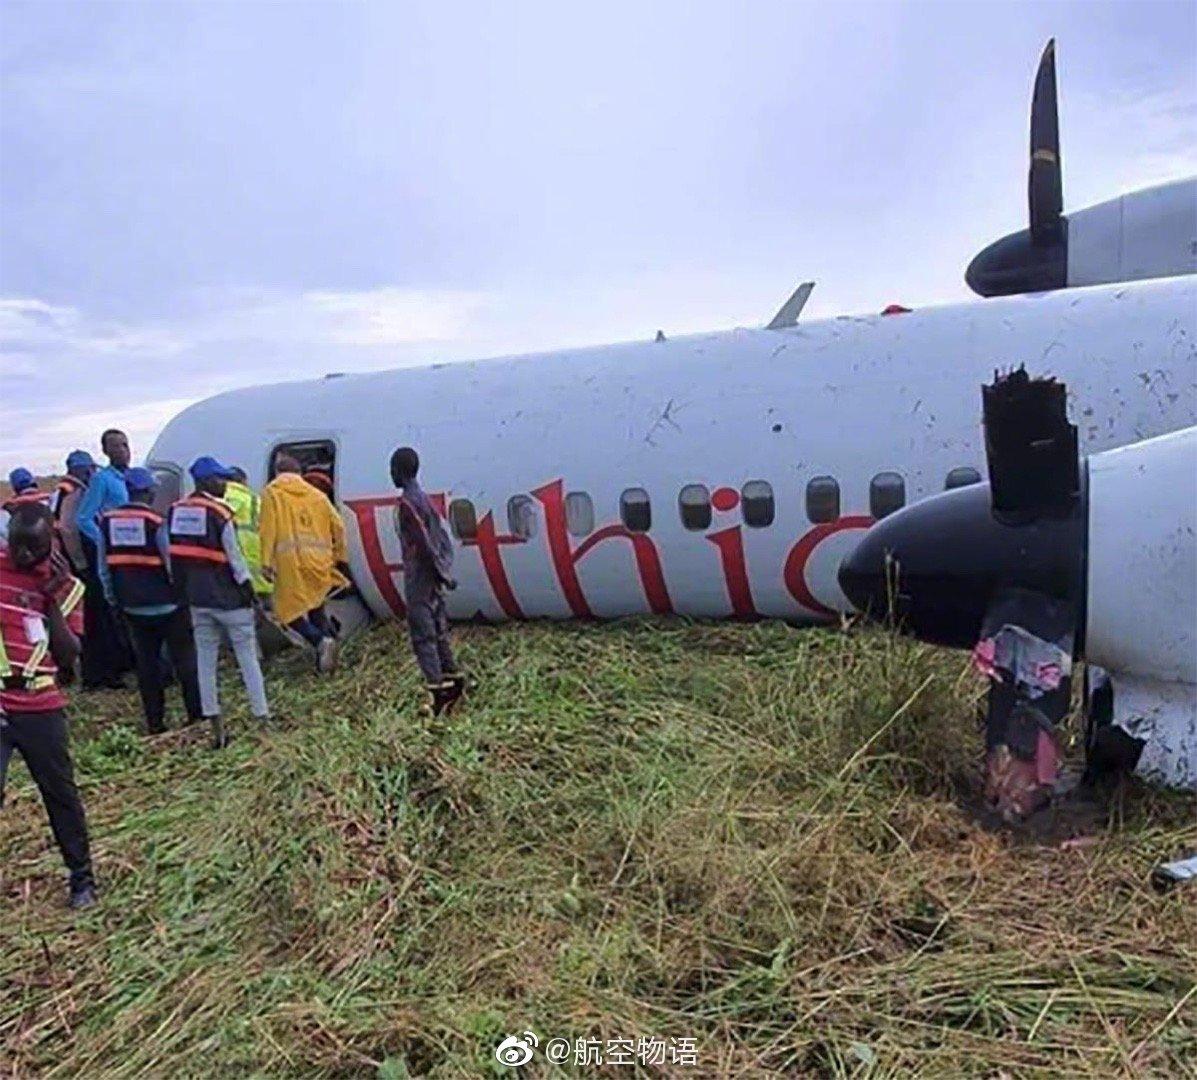 昨日,埃塞俄比亚航空一架冲8客机在南苏丹朱巴机场冲出跑道